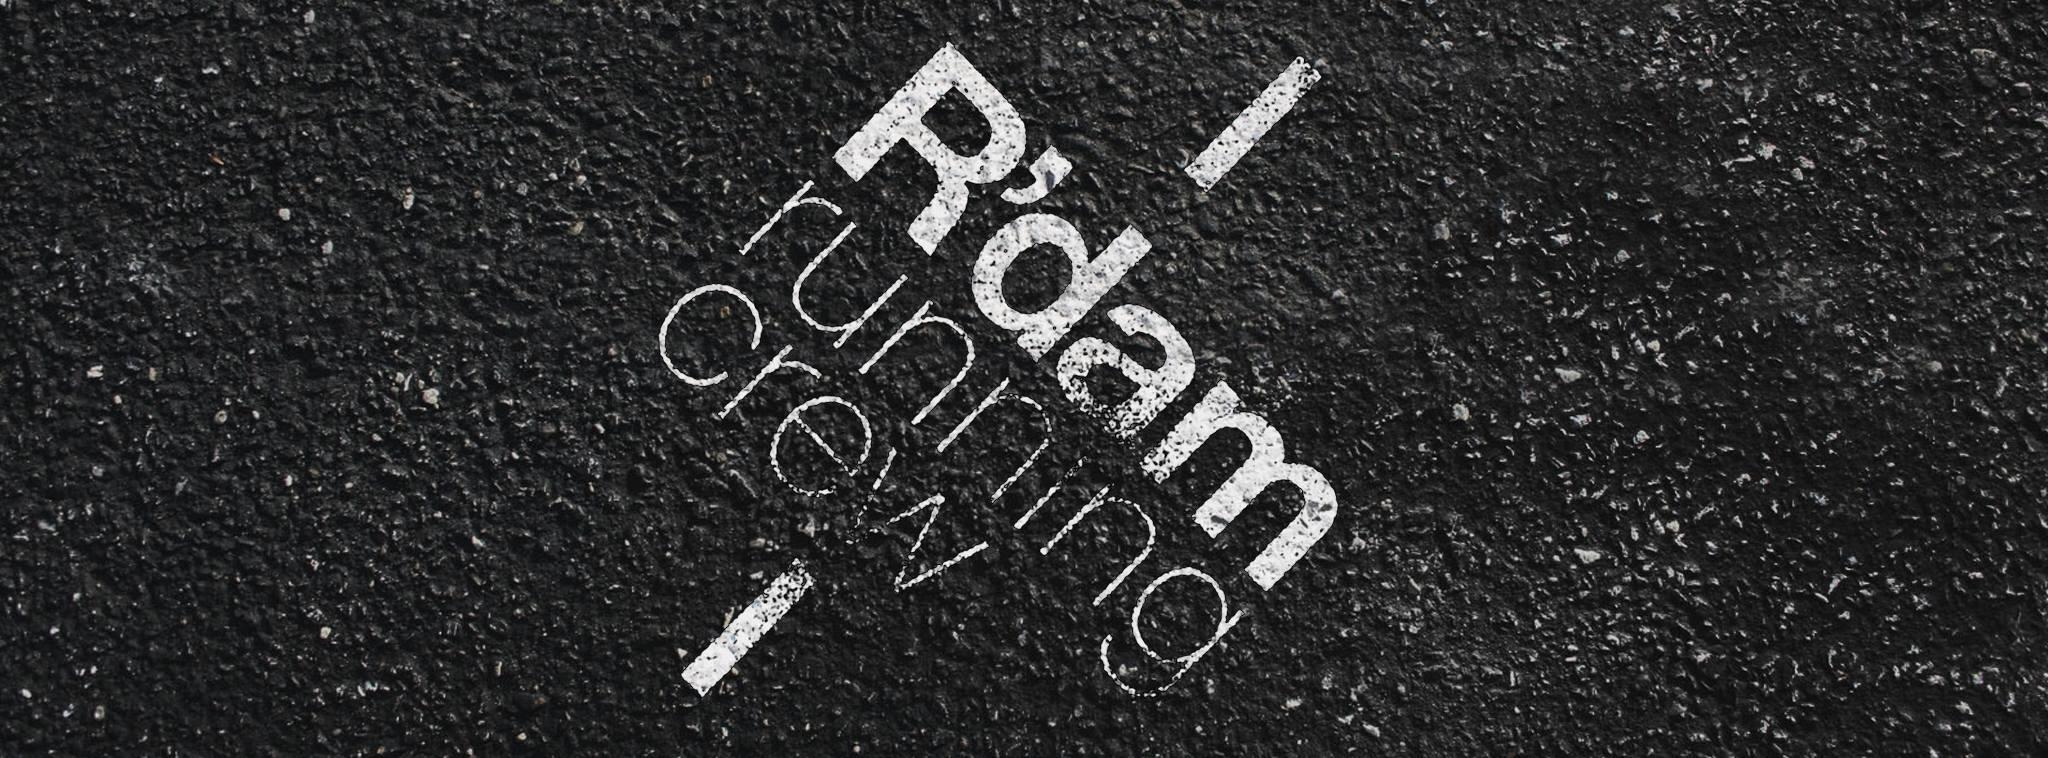 Woe 20 april Rotterdam Running Crew op Heijplaat